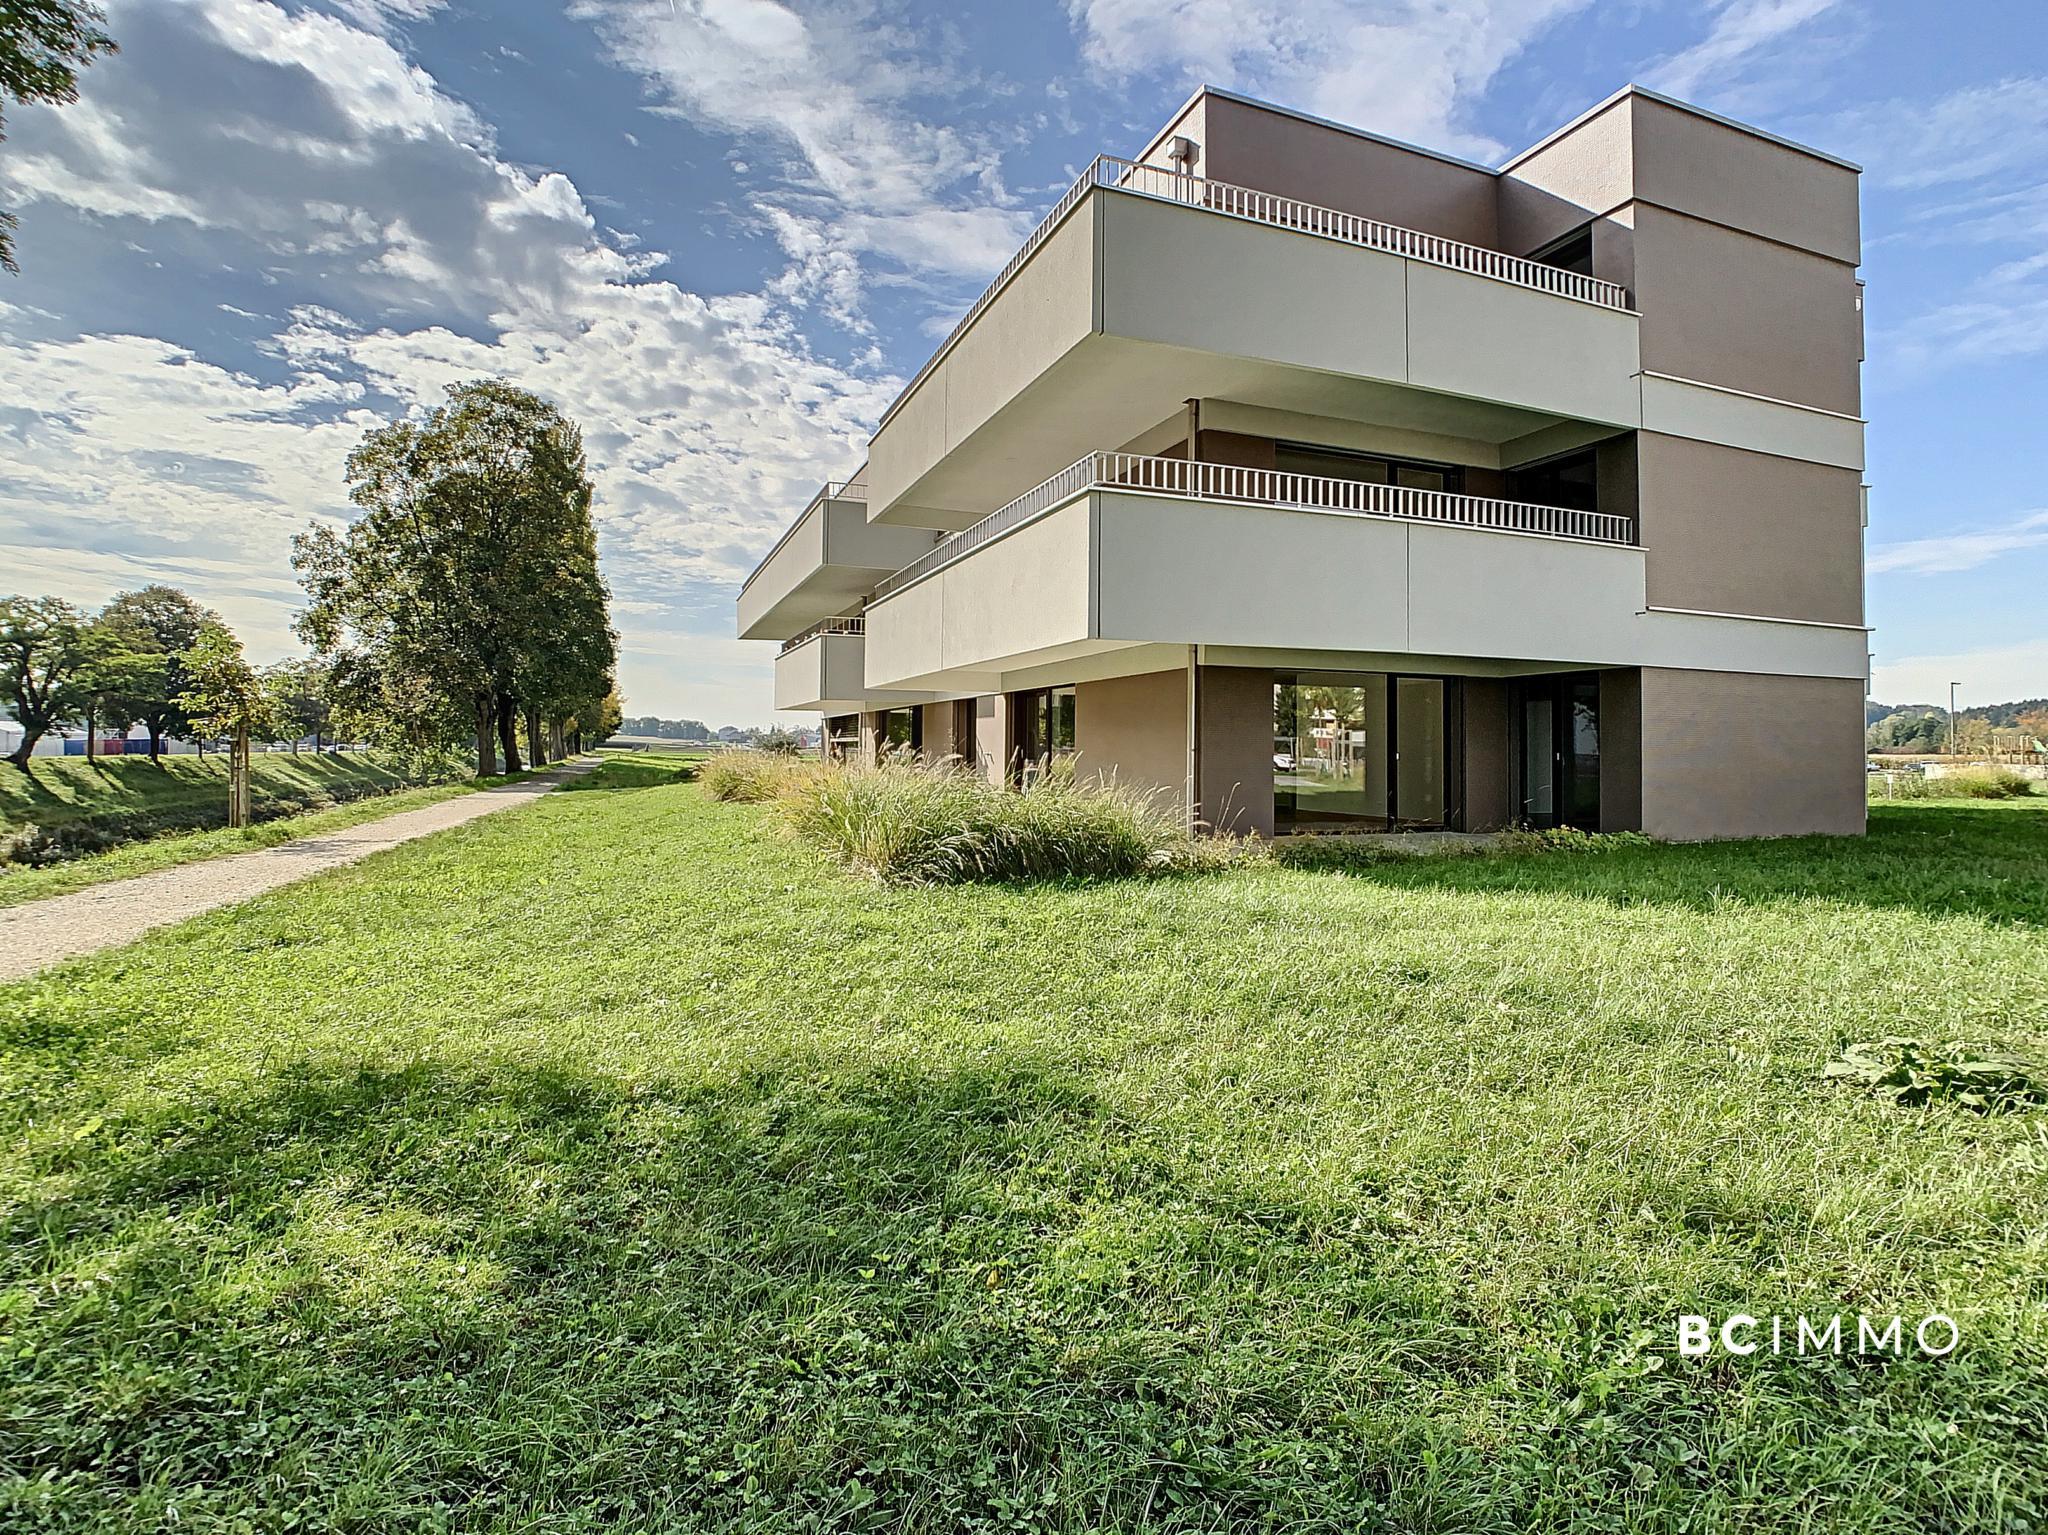 BC Immo - Duplex contemporain - C5-01